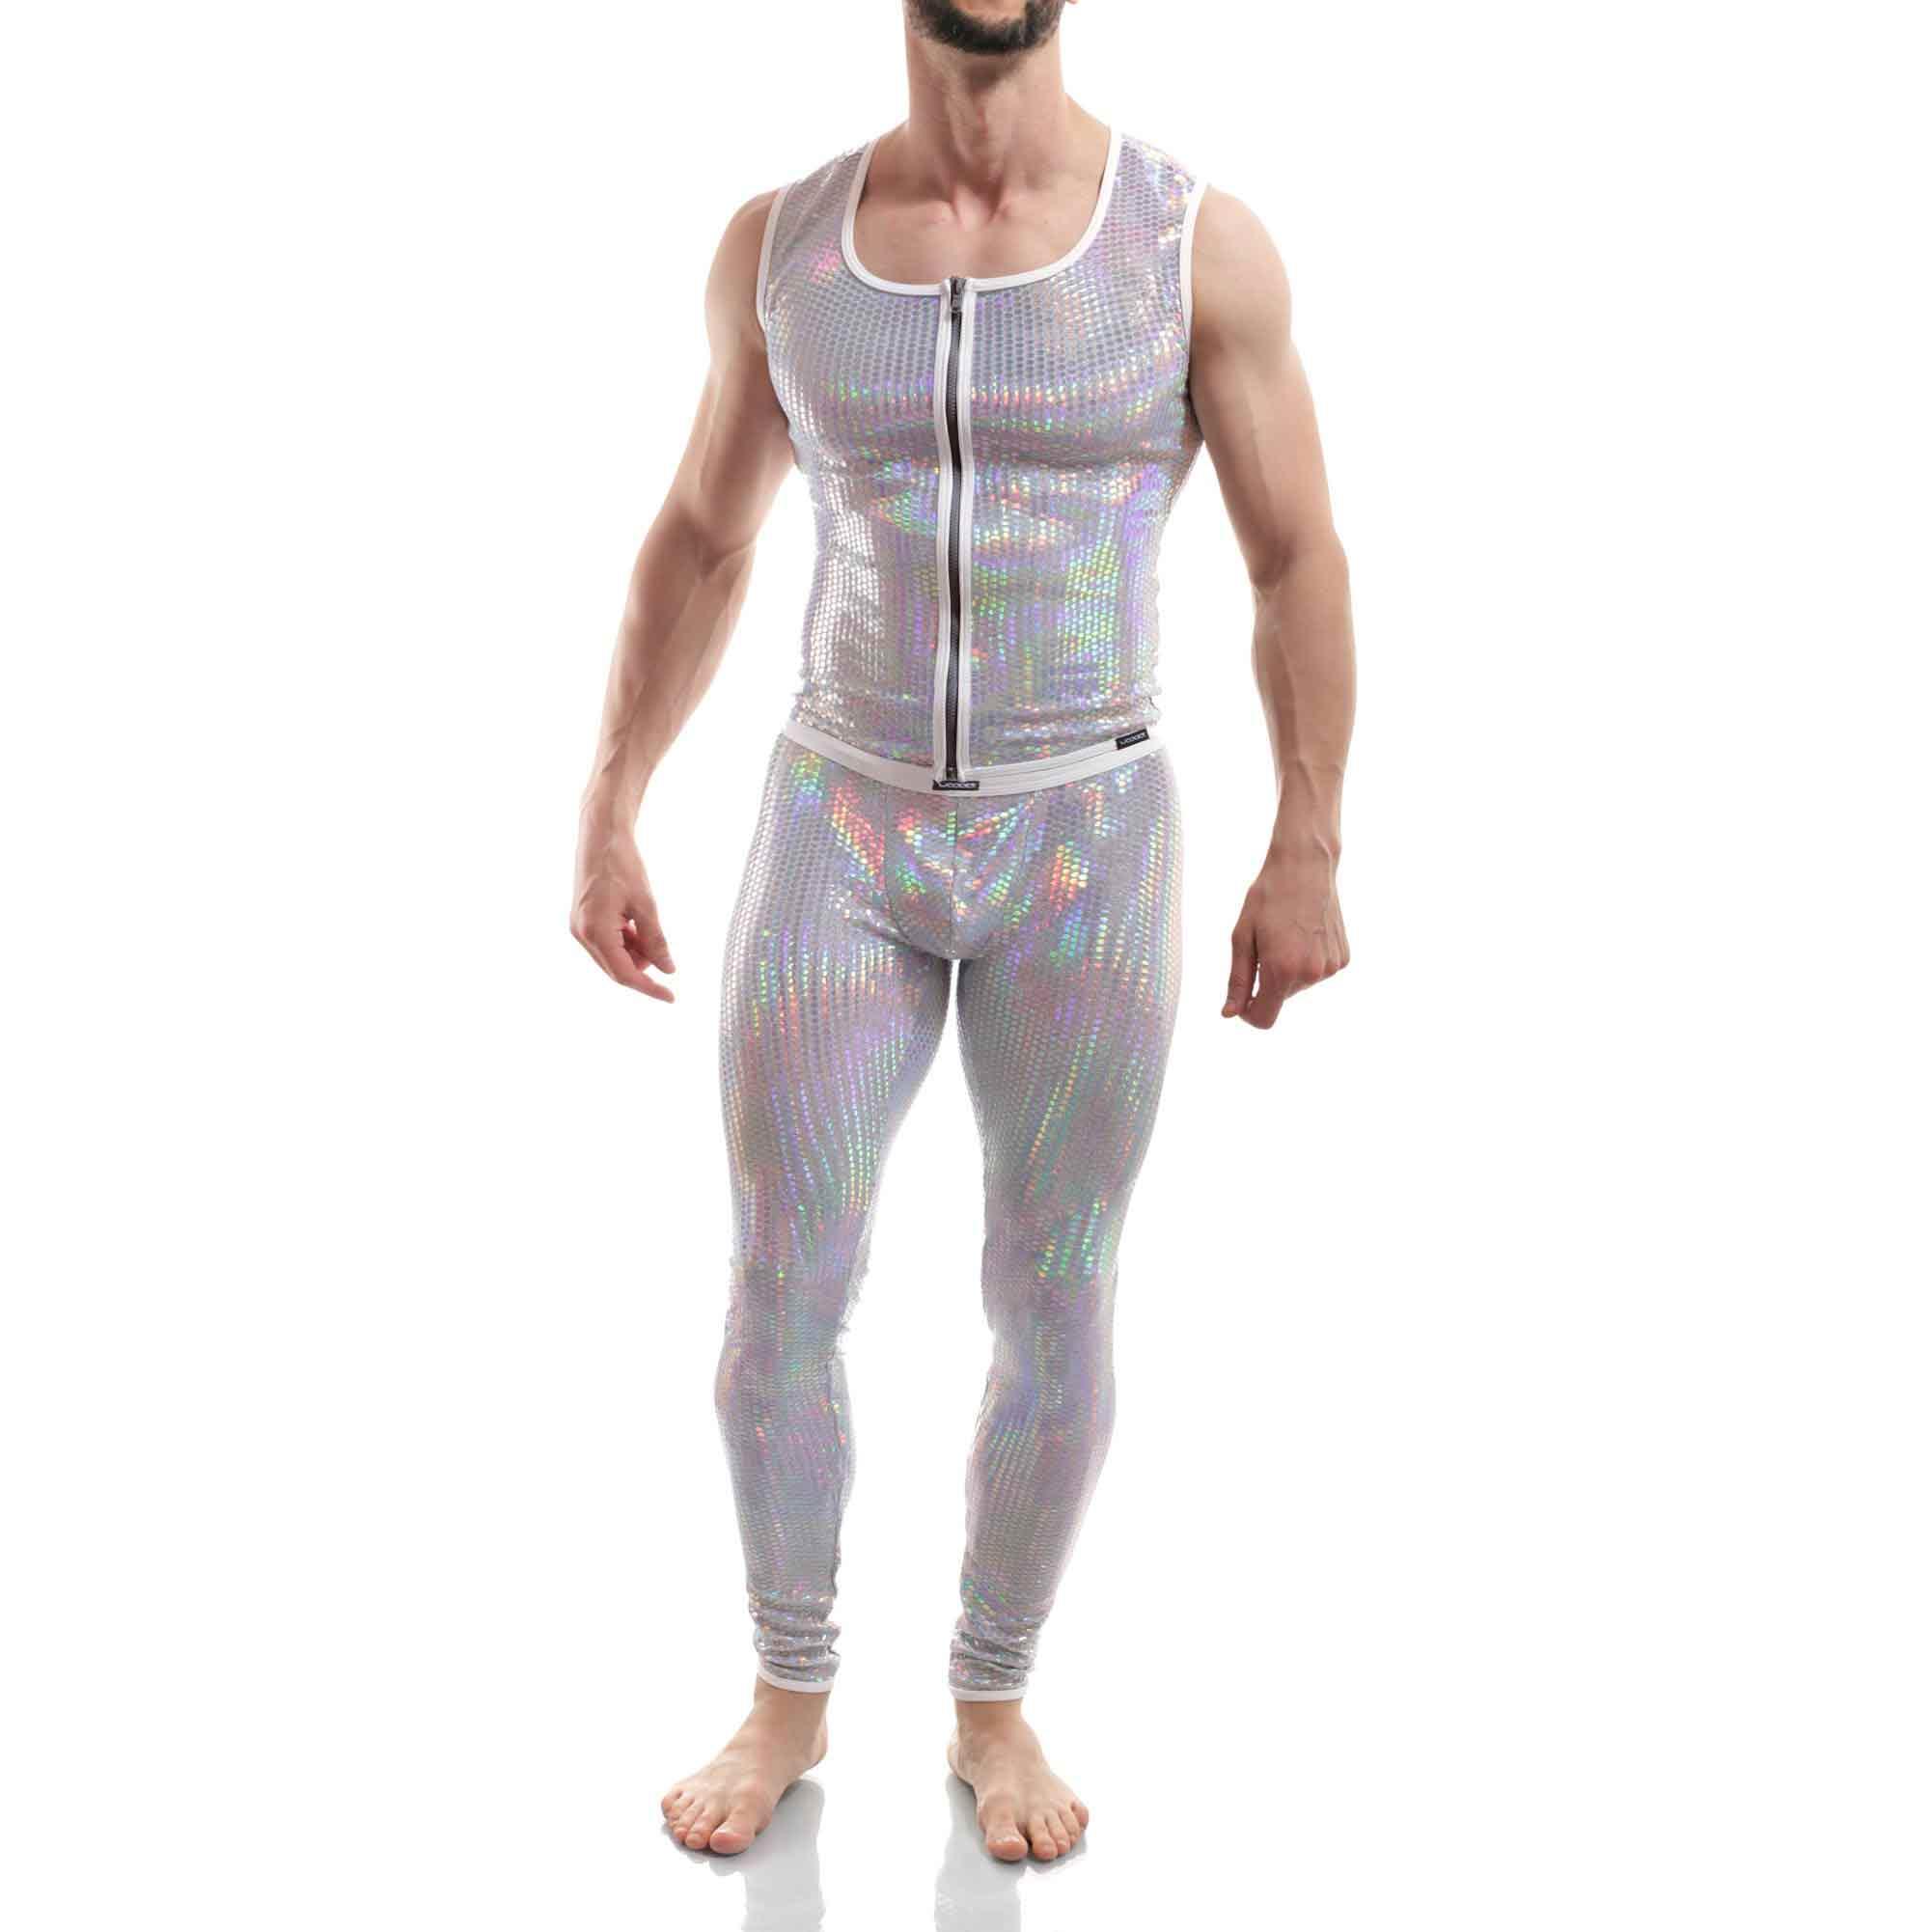 Die Space Weste 386W1 gehört zu den Wojoer LIVE-Produkten. Sie werden ab Bestellung bei uns produziert. So können wir auf Kundenwünsche individuell eingehen. Größen Erhältlich in den Größen S, M, L, XL Materialzusammensetzung 87% Polyamid, 8% Polyester, 5% Elasthan Besonderheiten LIVE-Produkt | holografische Wabenfolien auf weißem…